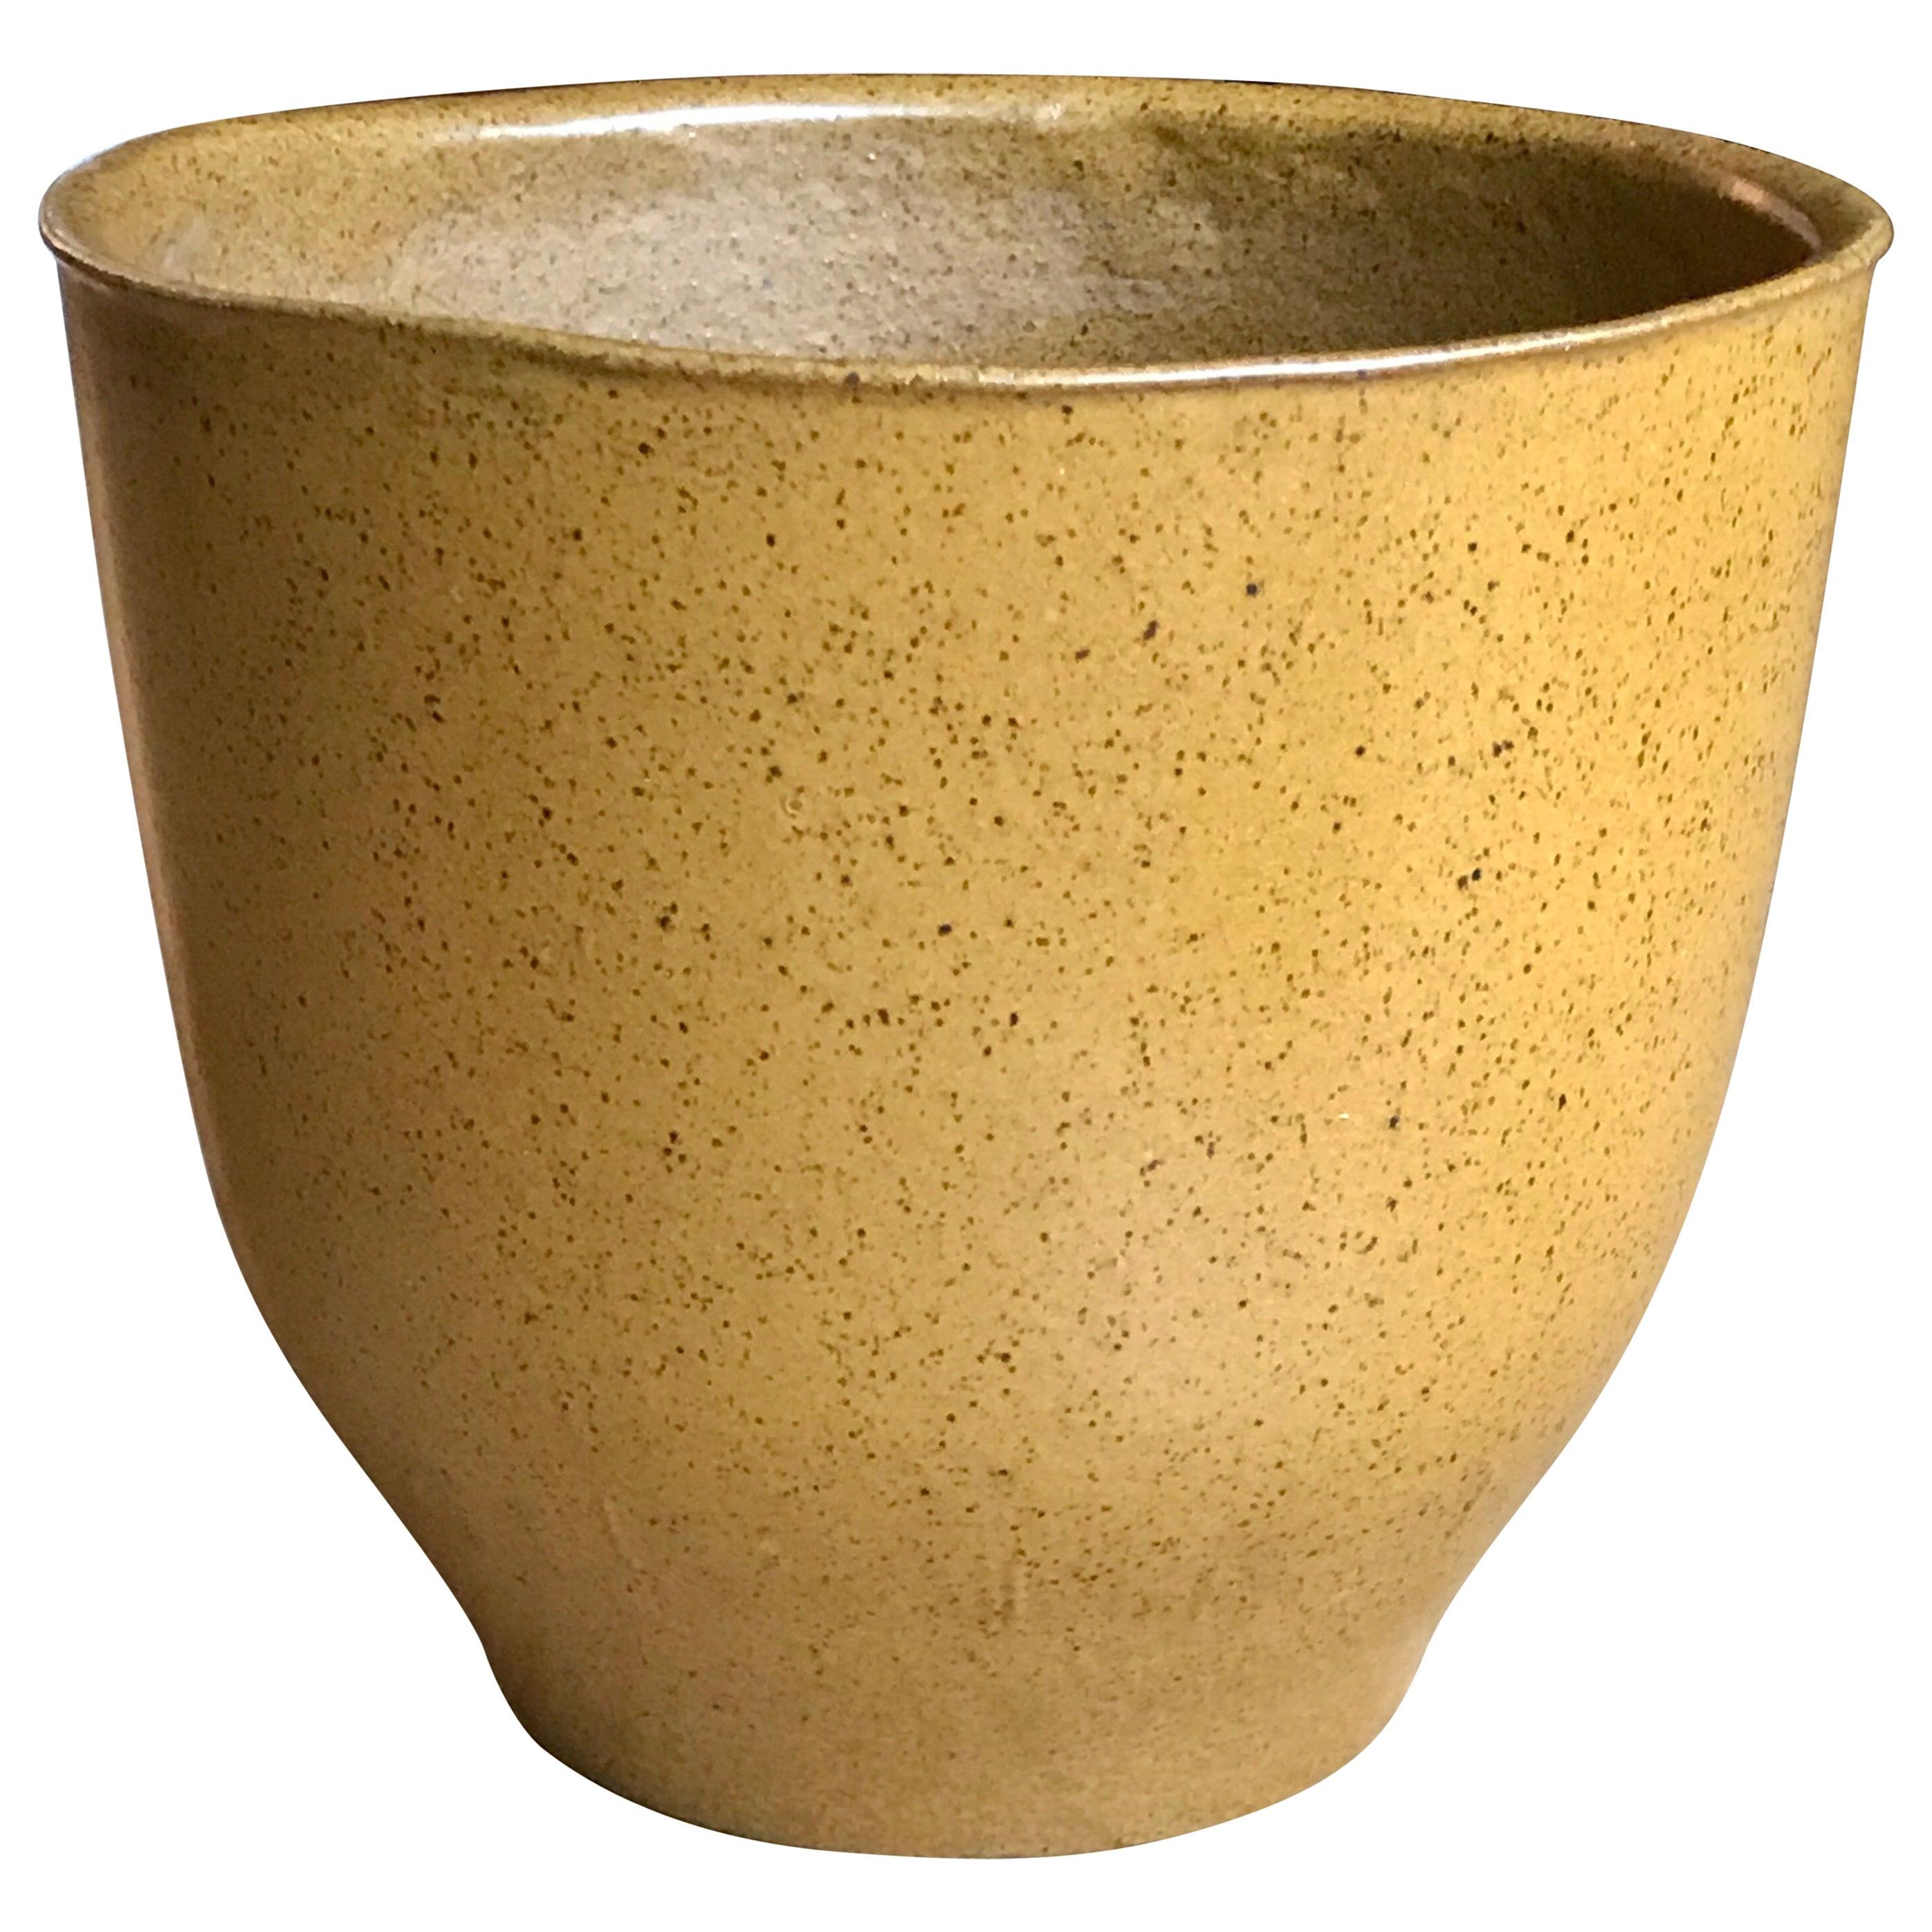 David Cressey Artisan Stoneware Planter, 1960s